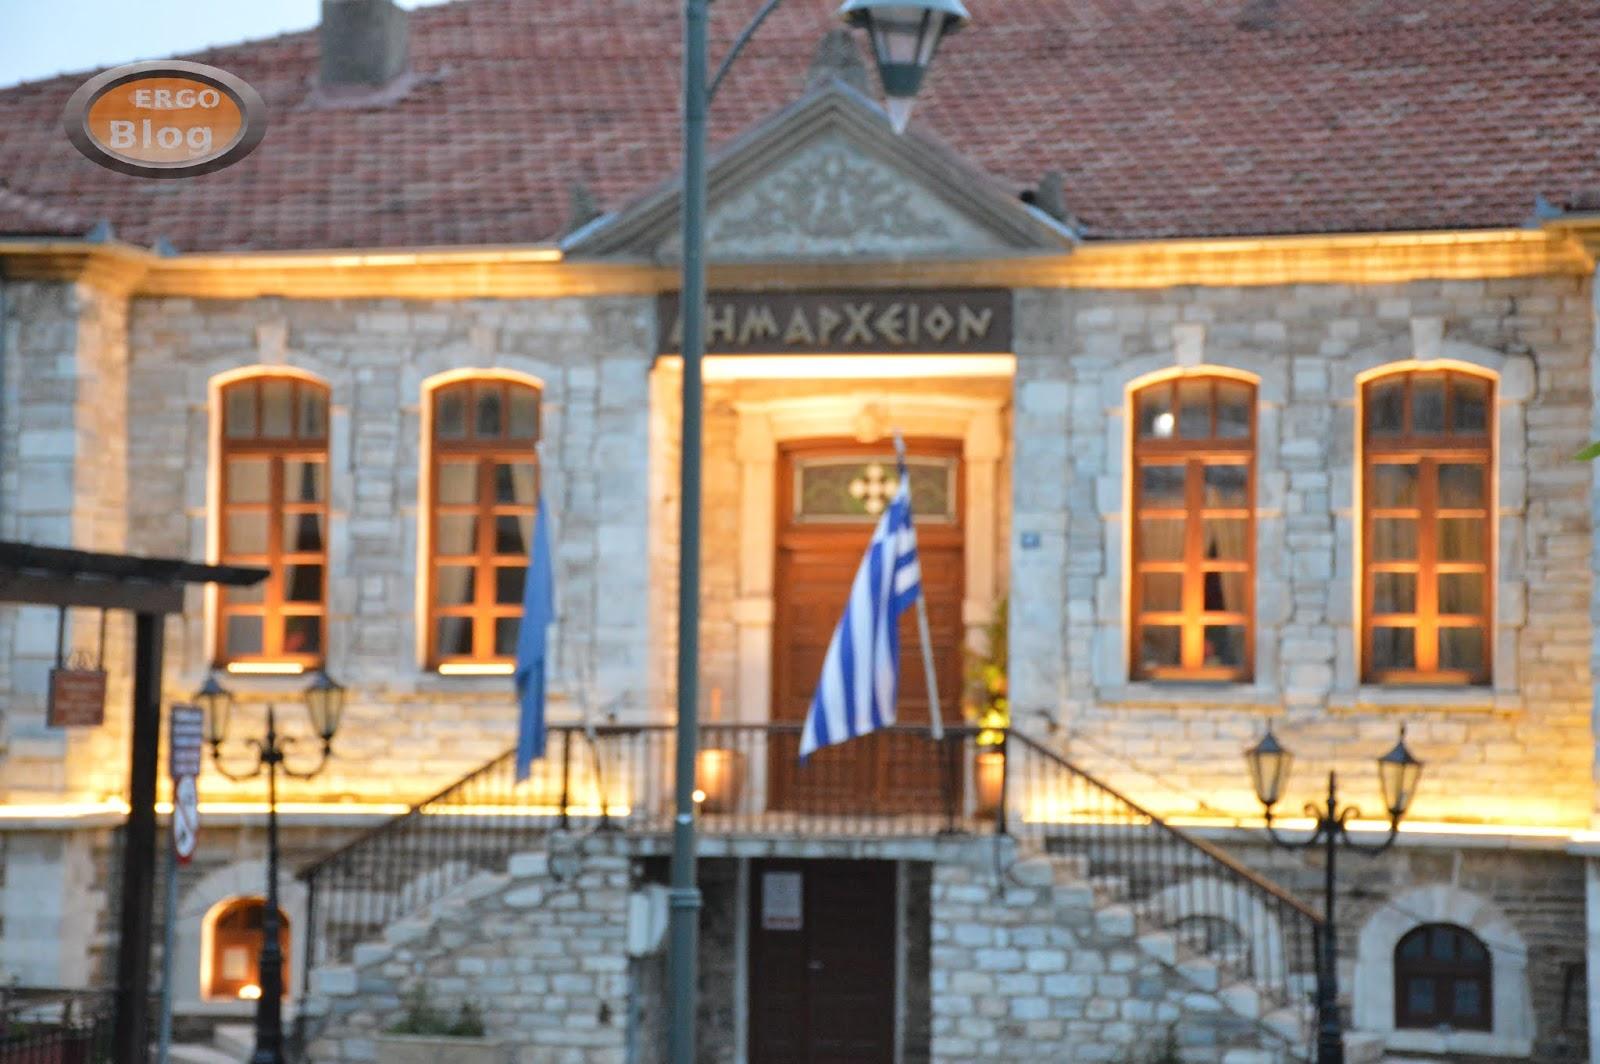 Πρόσκληση εκδήλωσης ενδιαφέροντος συμμετοχής στα τμήματα μάθησης του Κέντρου Διά Βίου Μάθησης (Κ.Δ.Β.Μ.) Δήμου Πολυγύρου